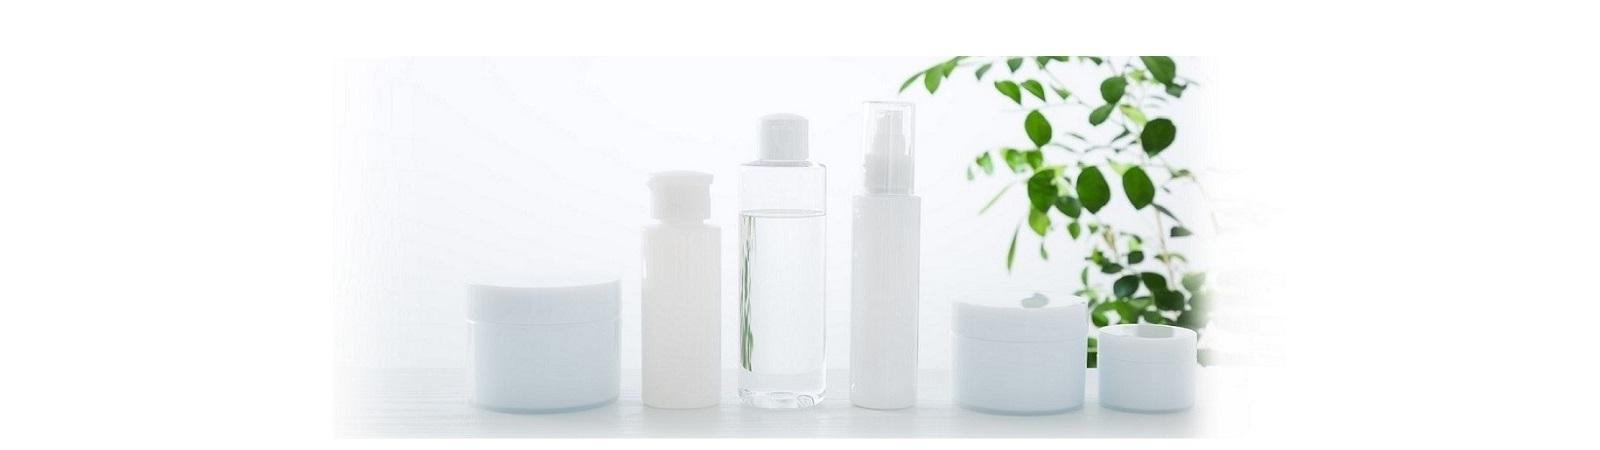 【積極採用中】化粧品業界:処方開発の求人特集